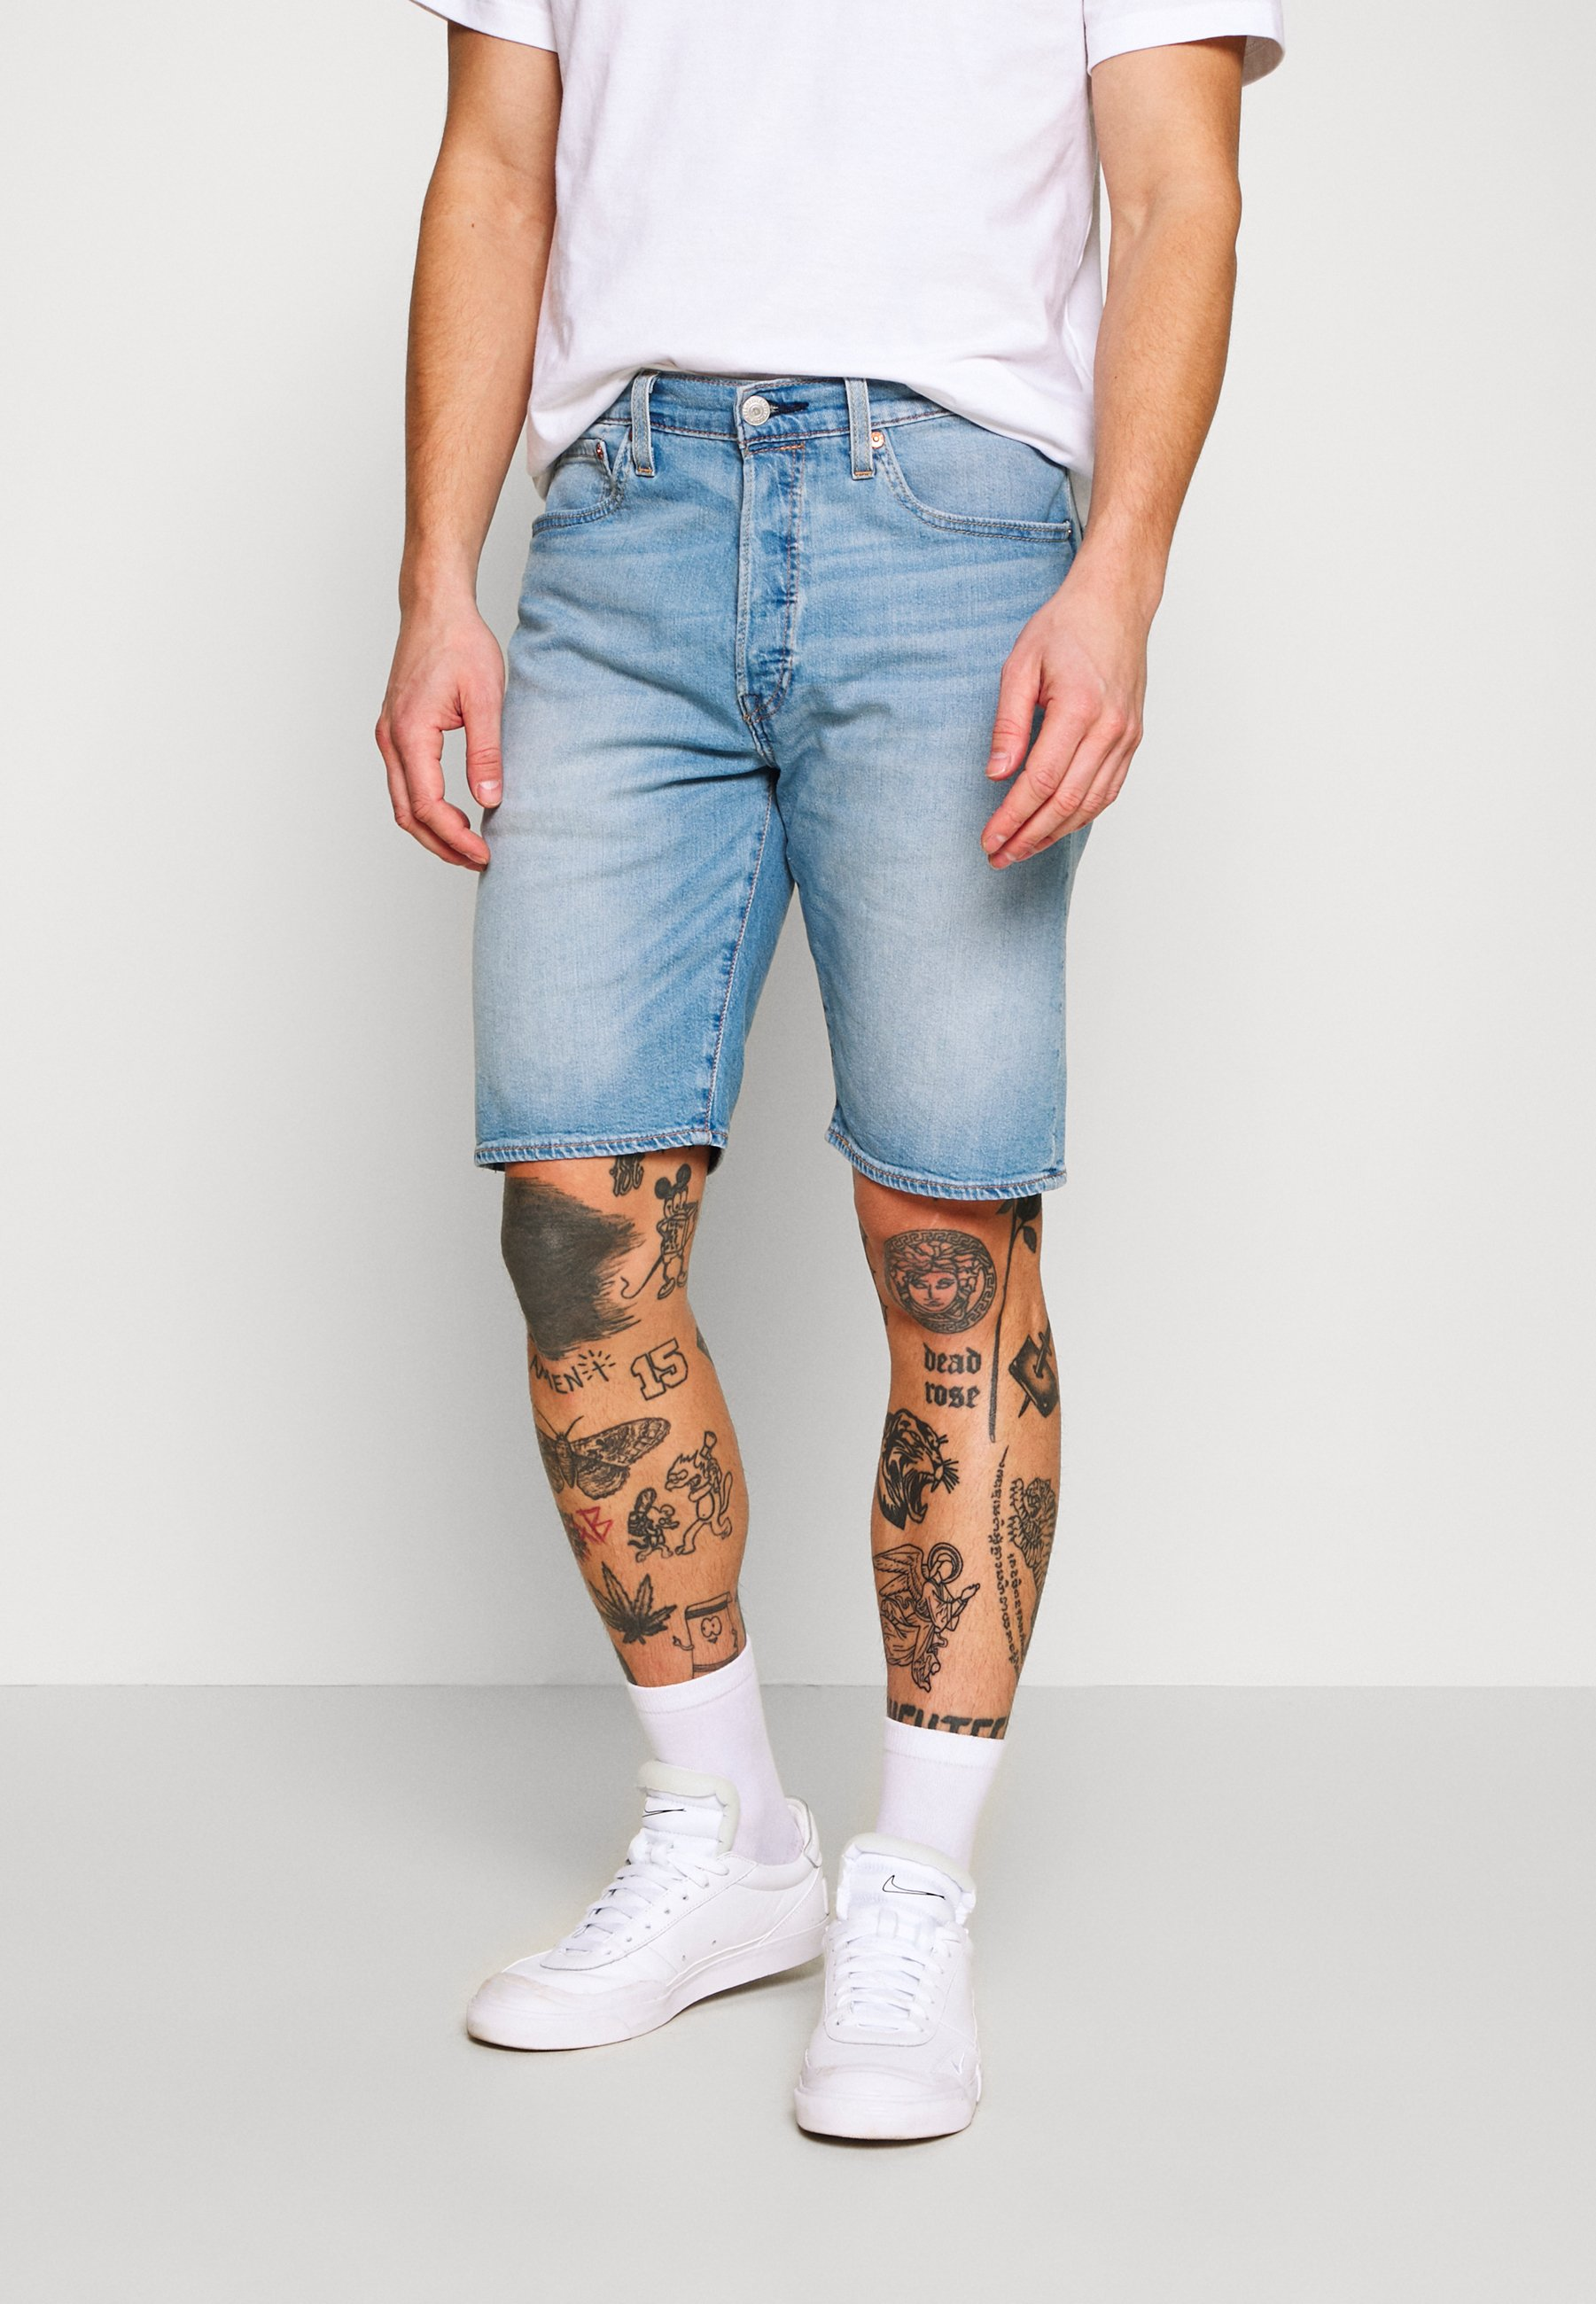 Herren 501 HEMMED UNISEX - Jeans Shorts